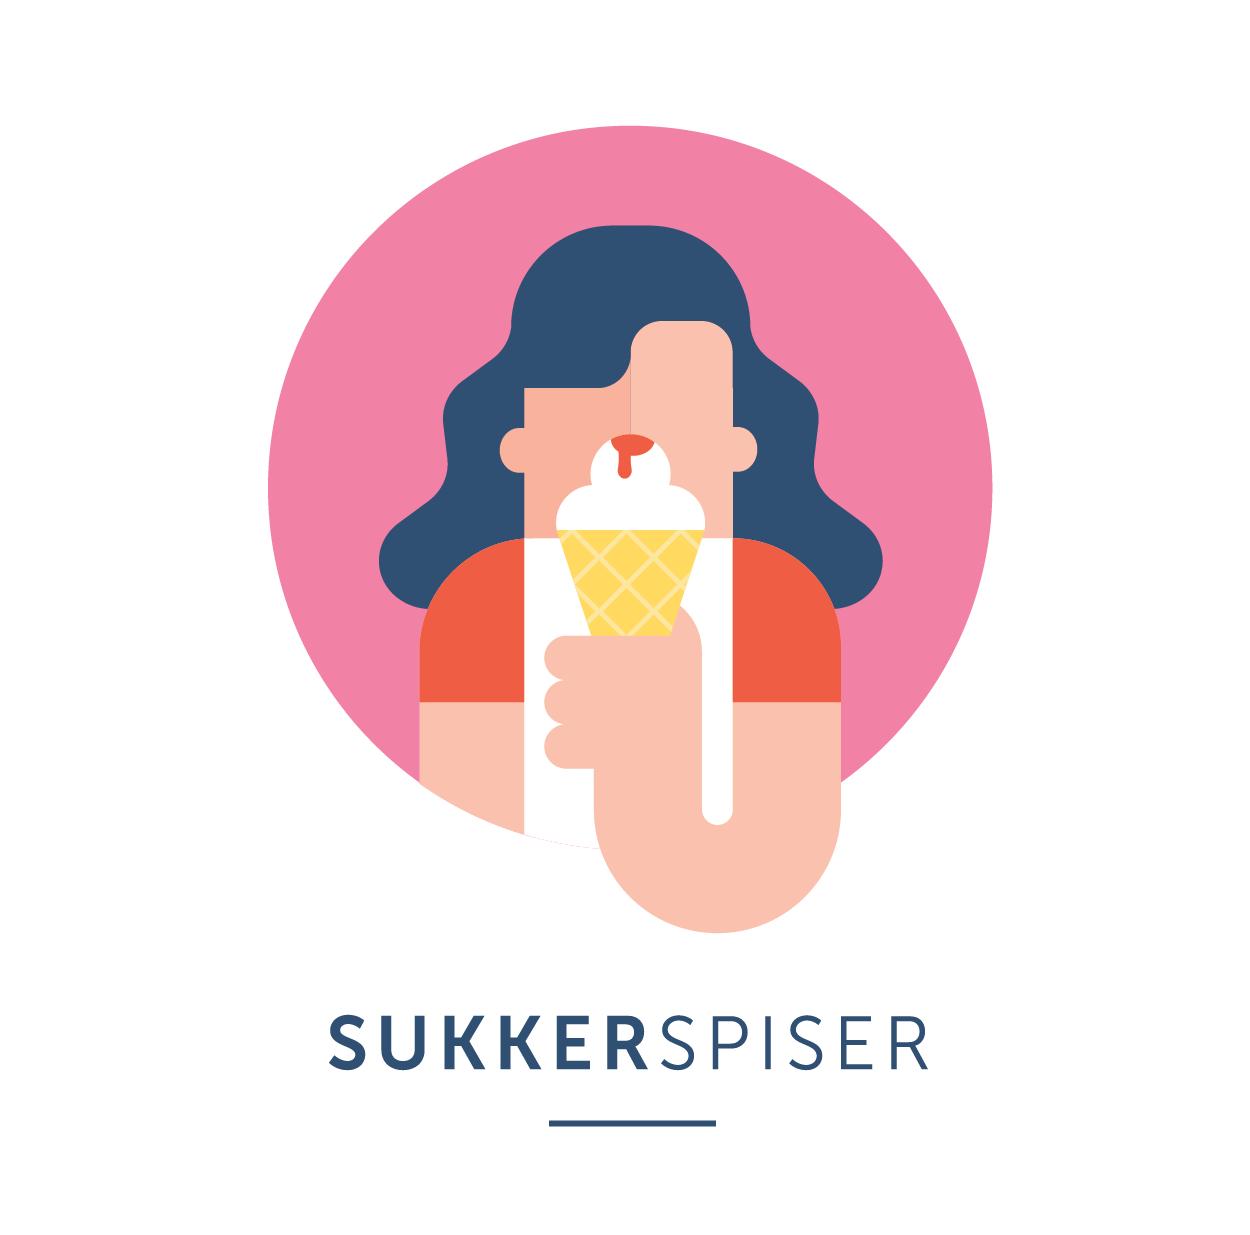 Sukkerspiser.png